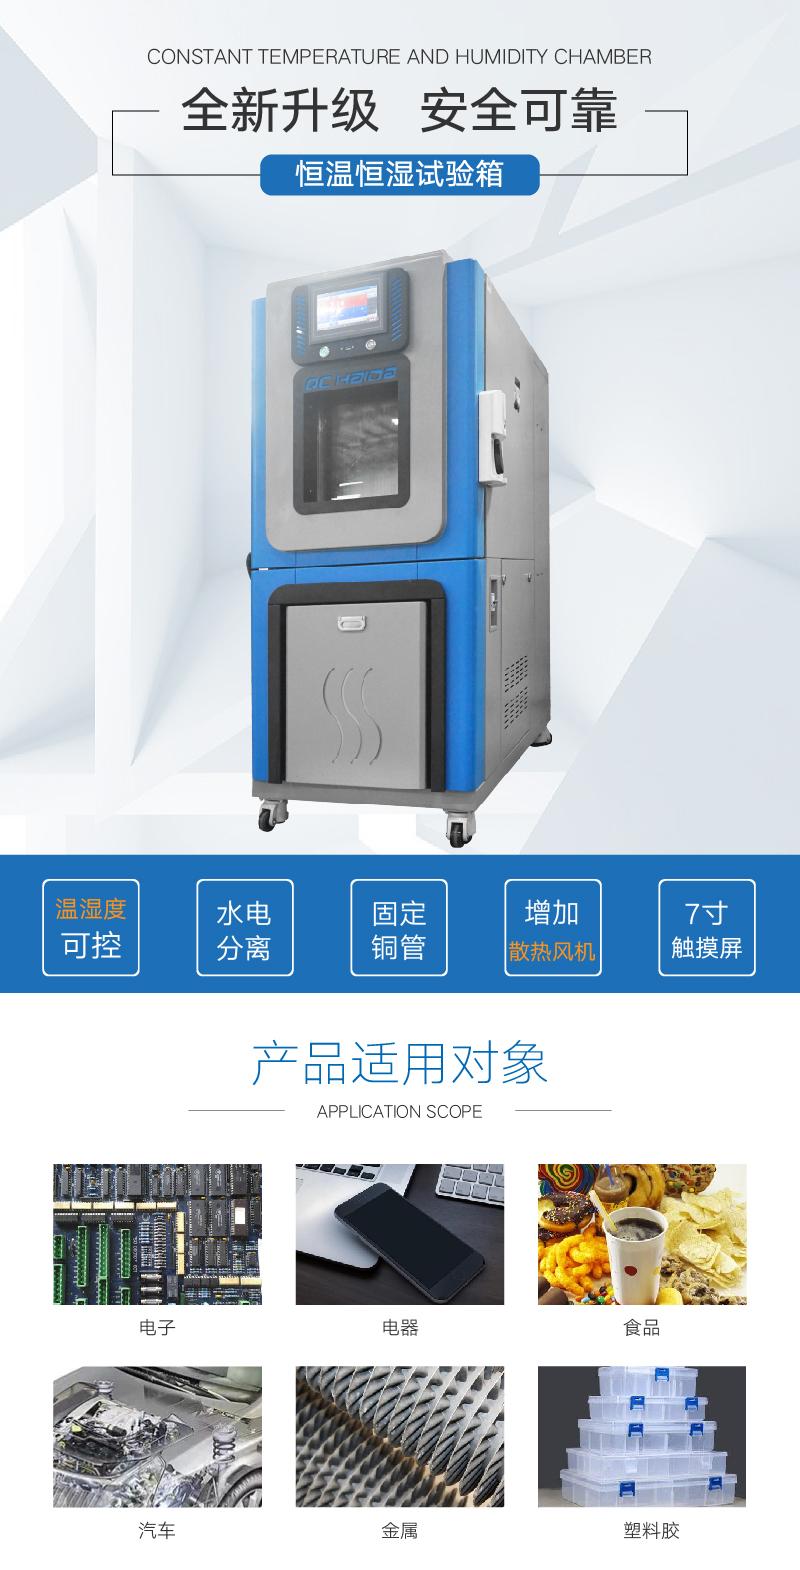 HD-E702新款恒温恒湿试验箱 (1).jpg